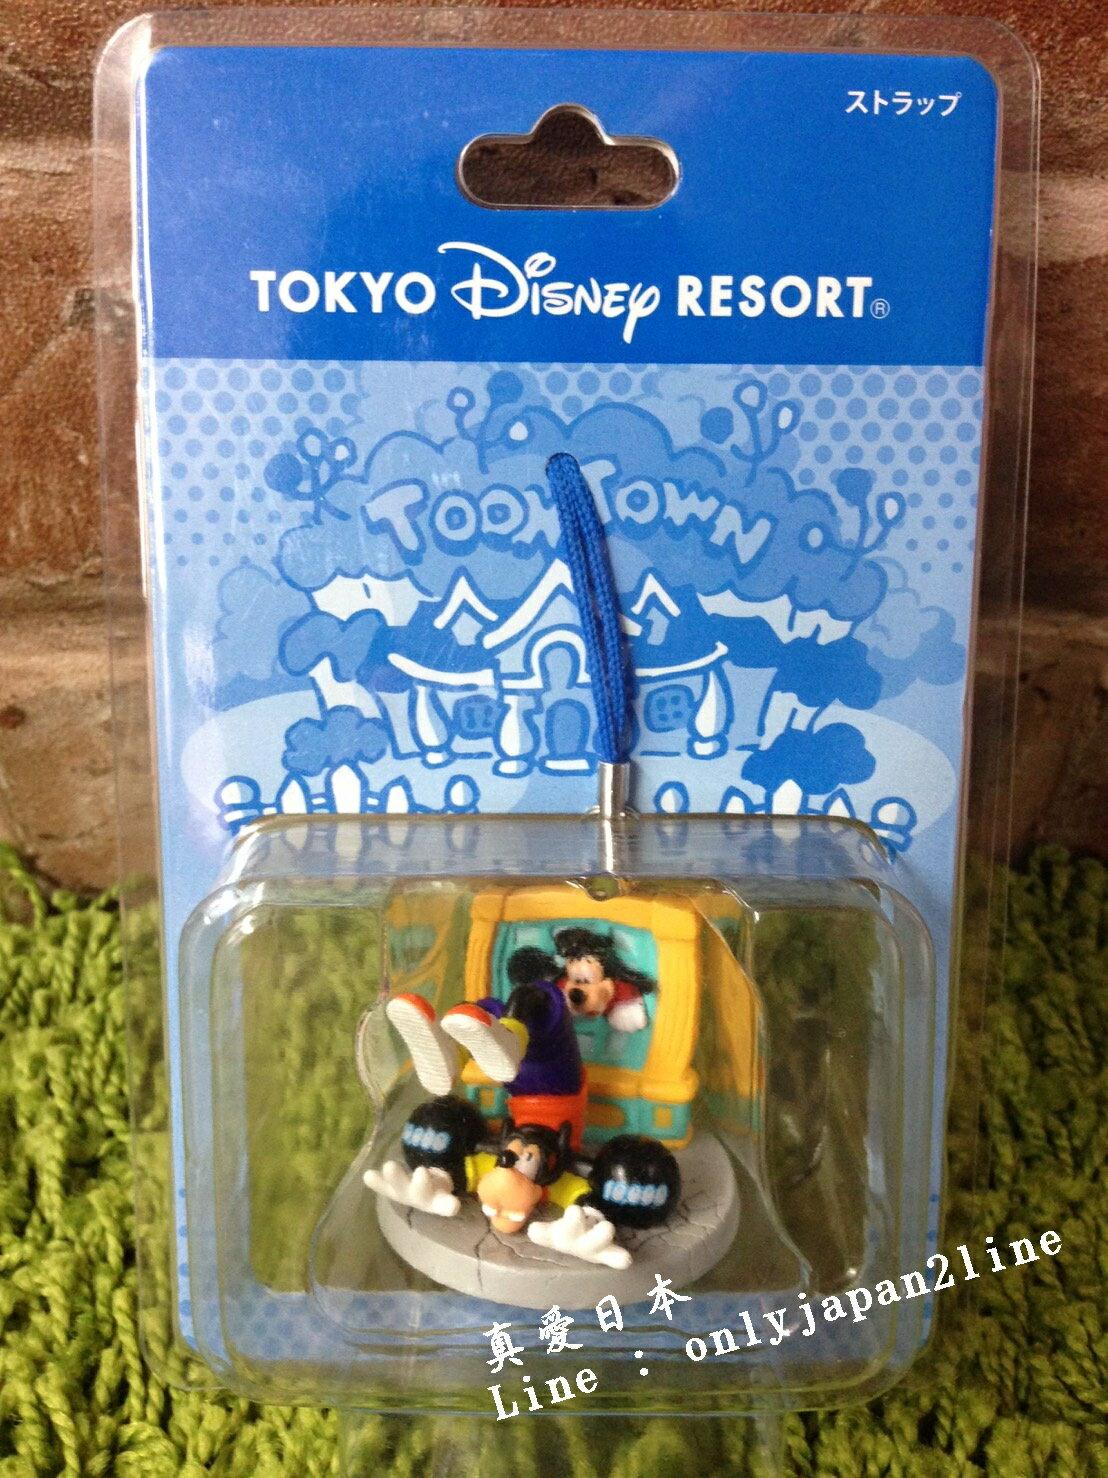 【真愛日本】16042100077 樂園遊樂場景吊飾-卡通城 迪士尼 Disney 場景 吊飾 擺飾 限量